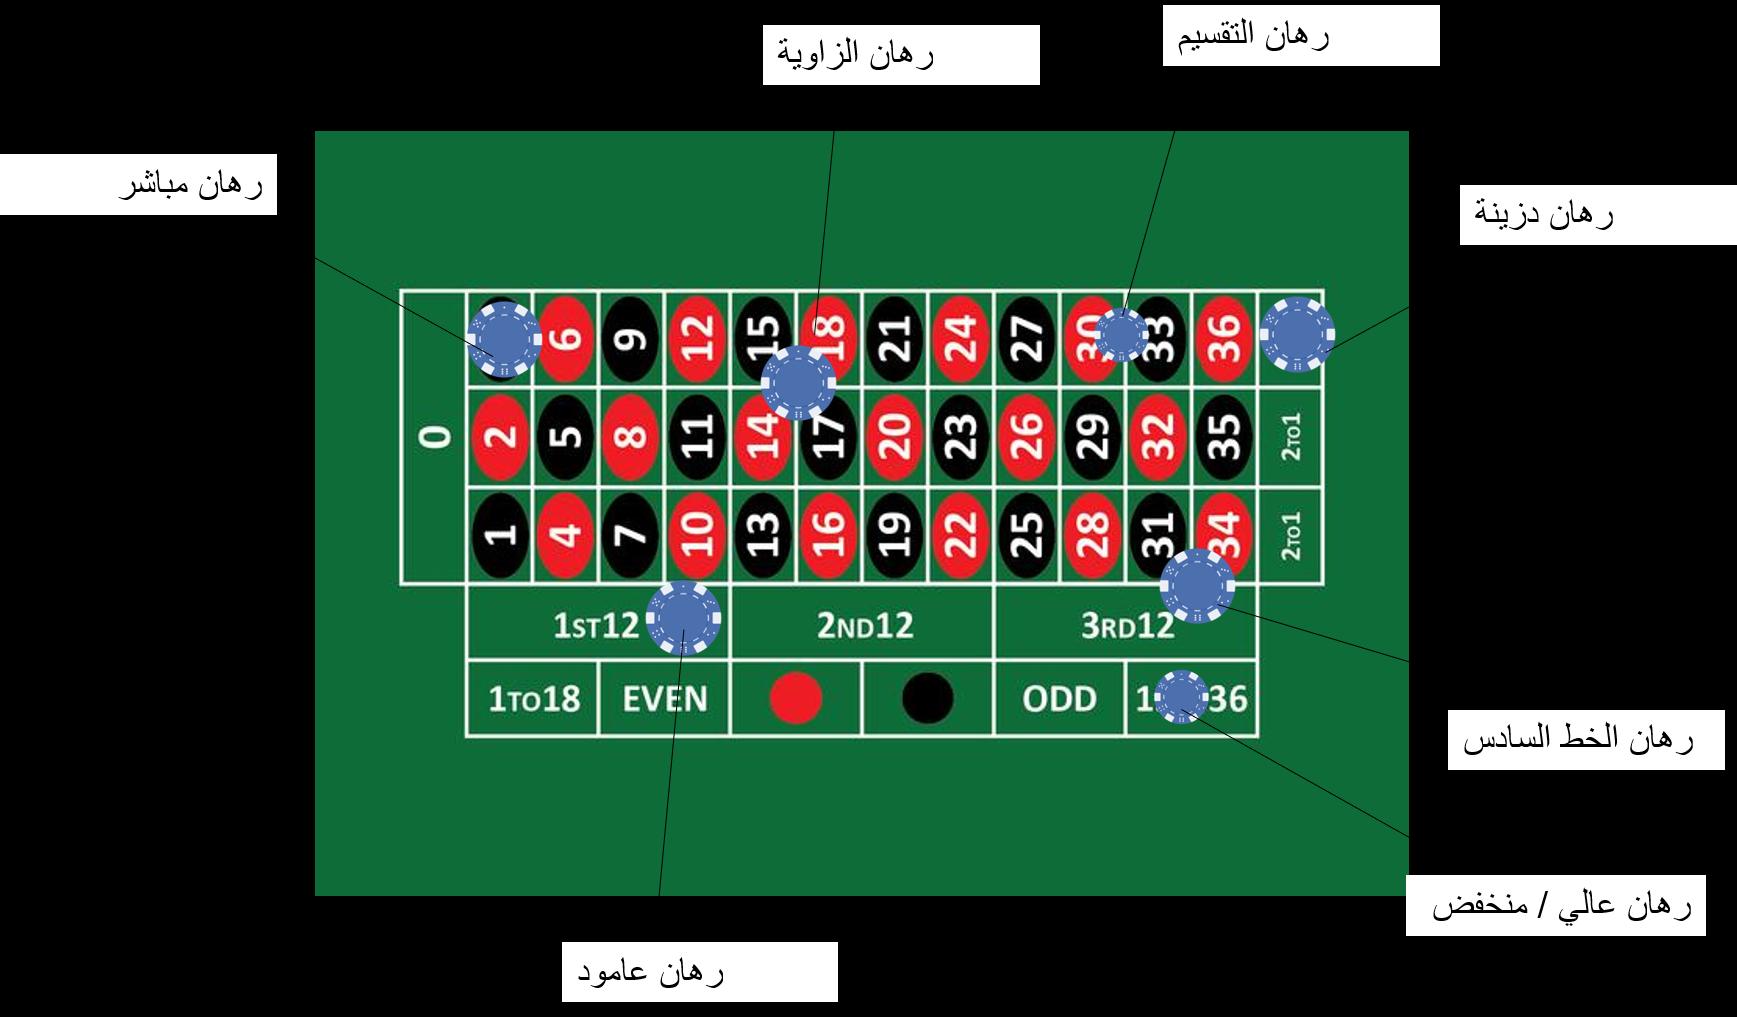 نتائج الدوري - 88372